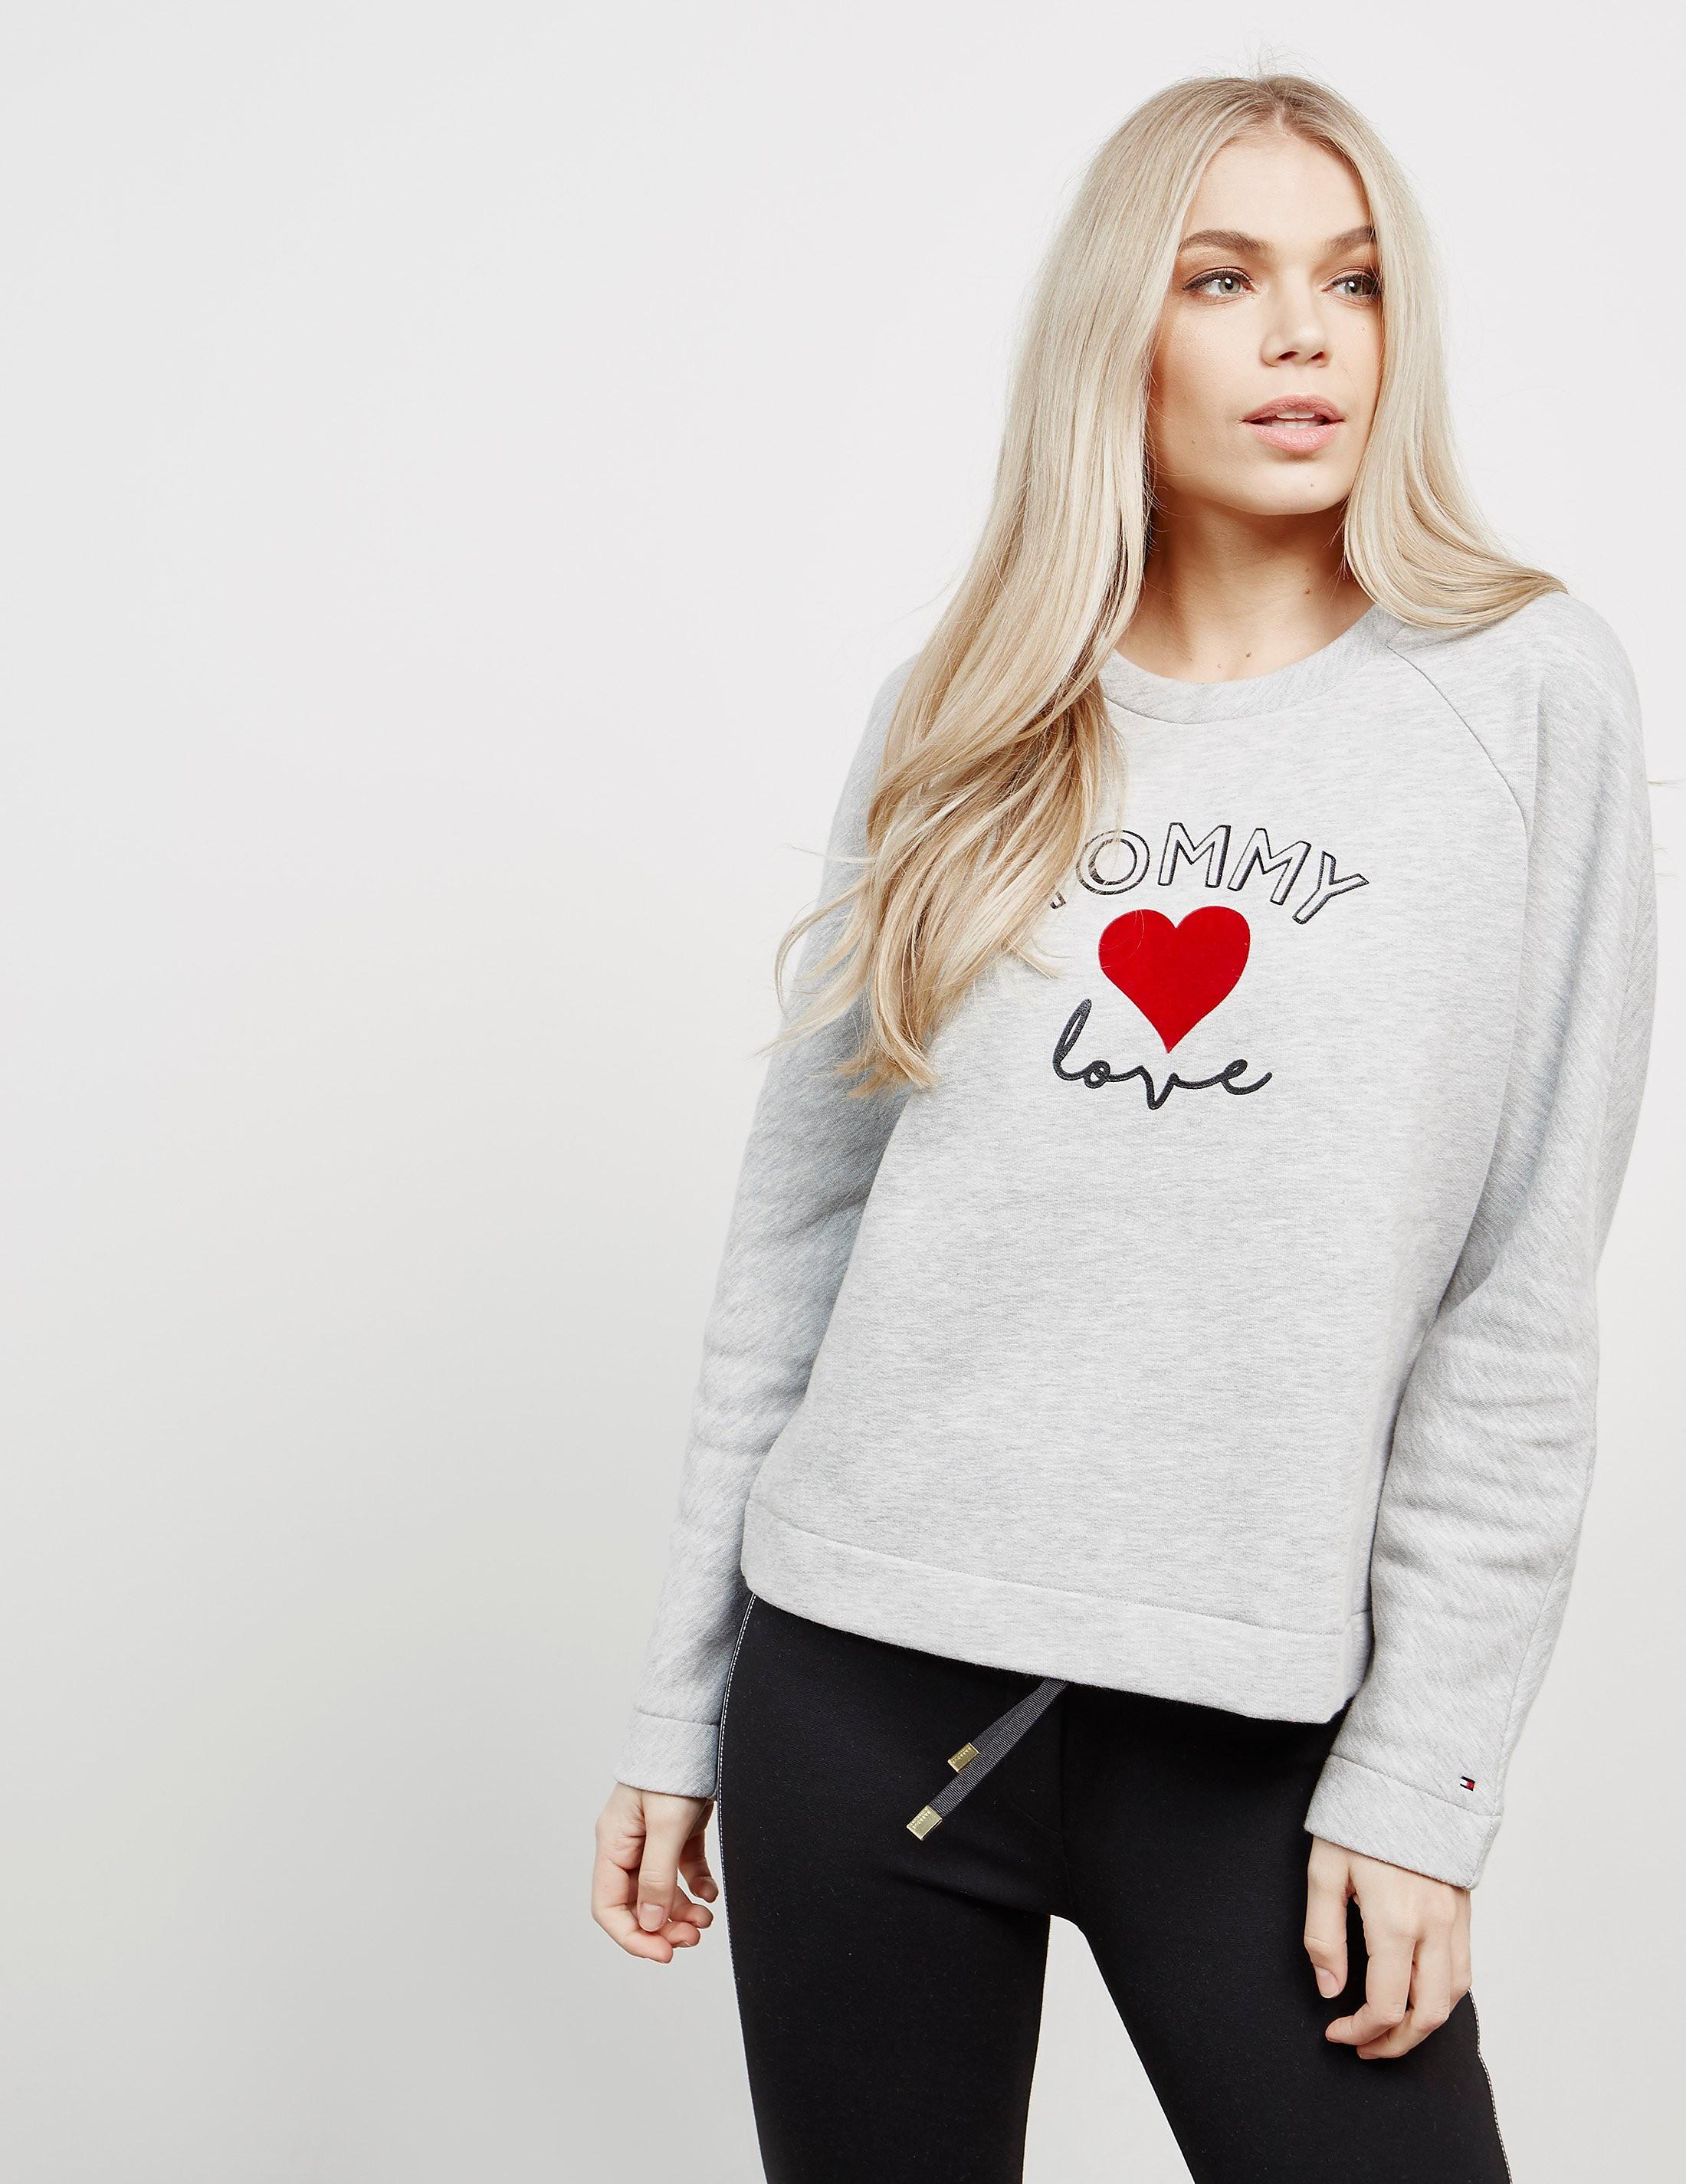 Tommy Hilfiger Red Heart Sweatshirt